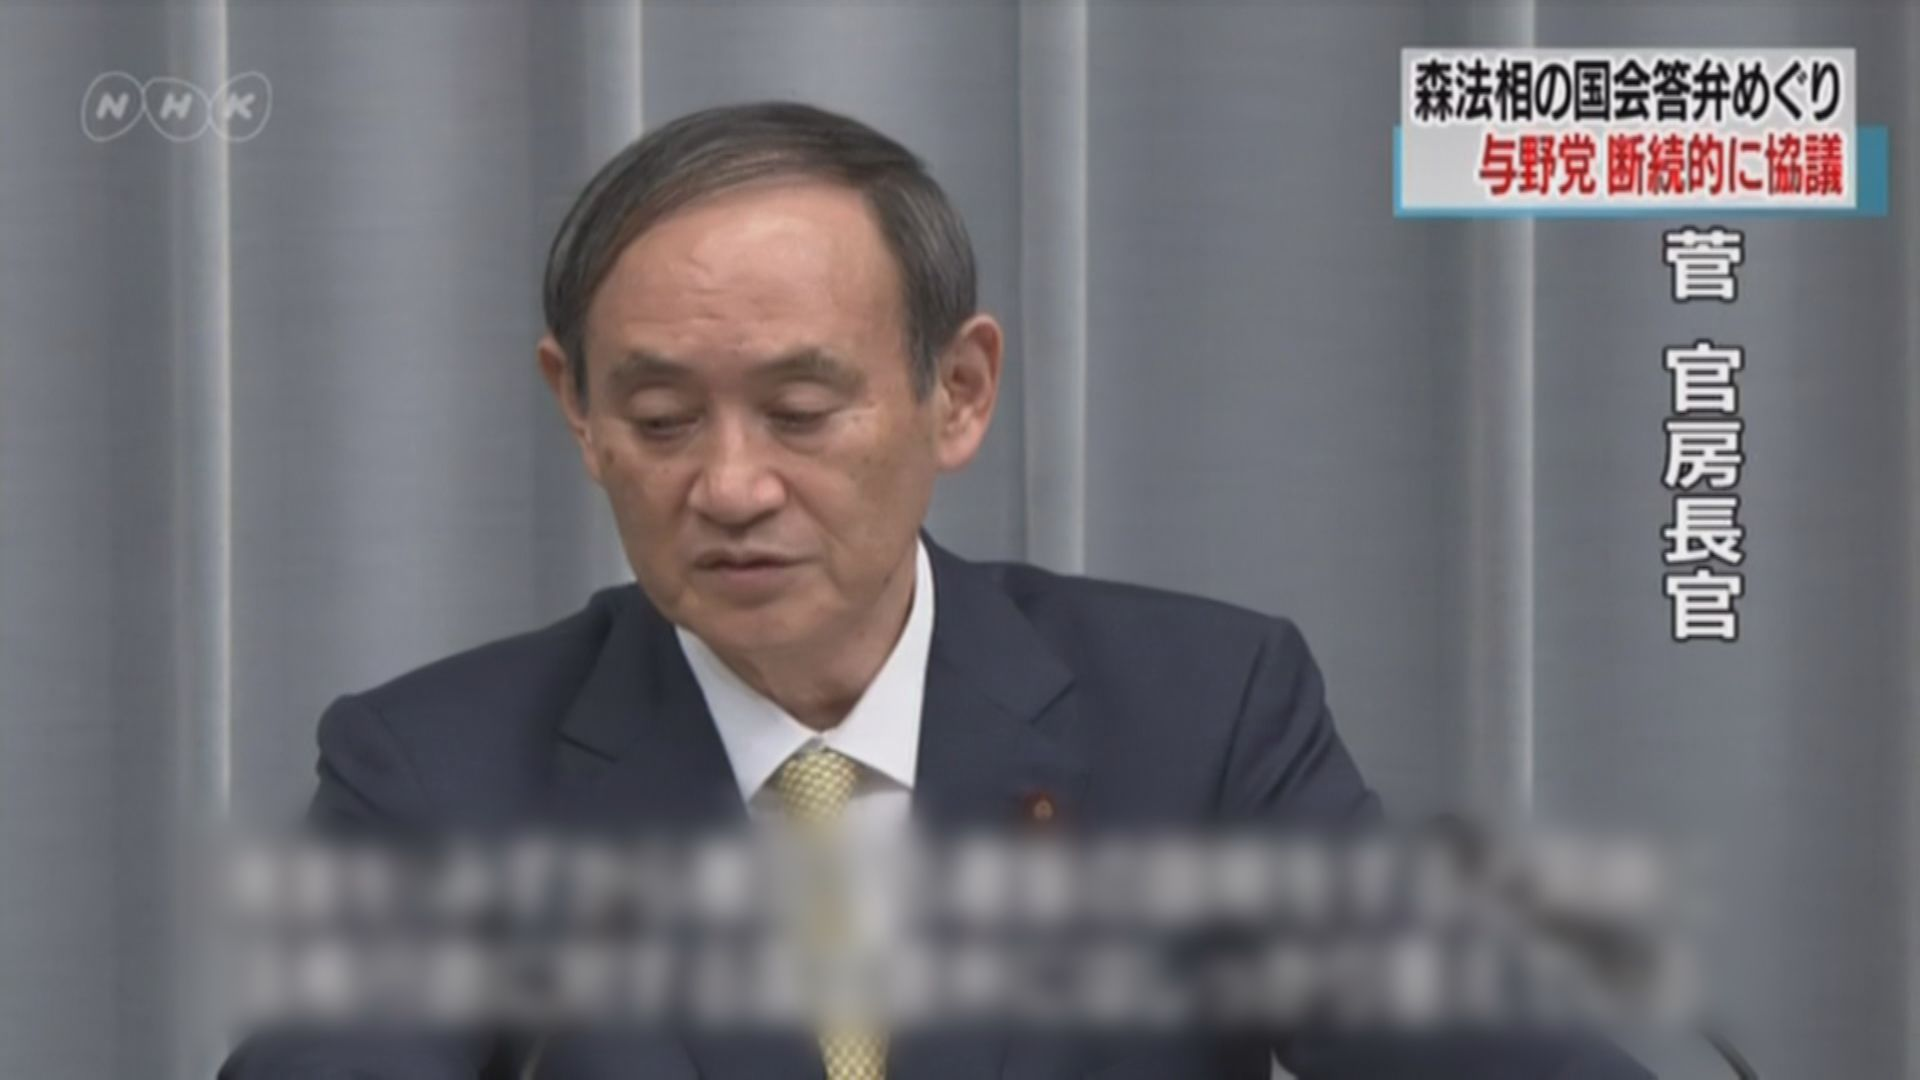 菅義偉:東京奧運會按計劃進行 亦沒必要進入緊急狀態